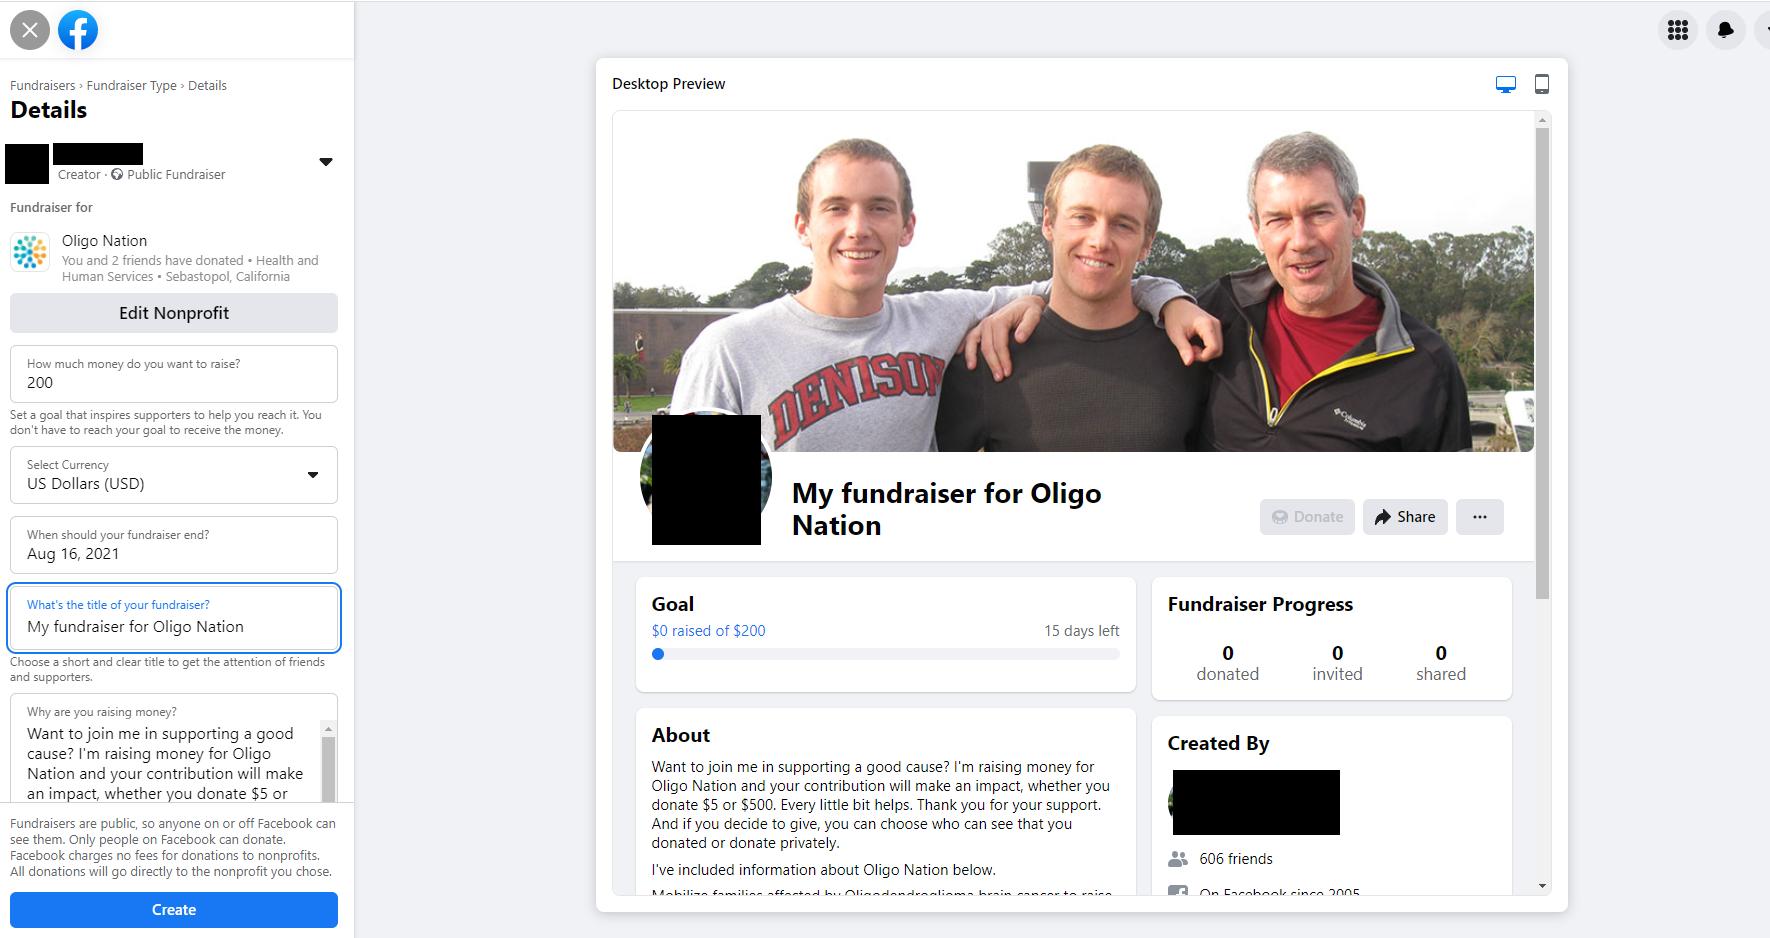 Oligo Nation Fundraiser